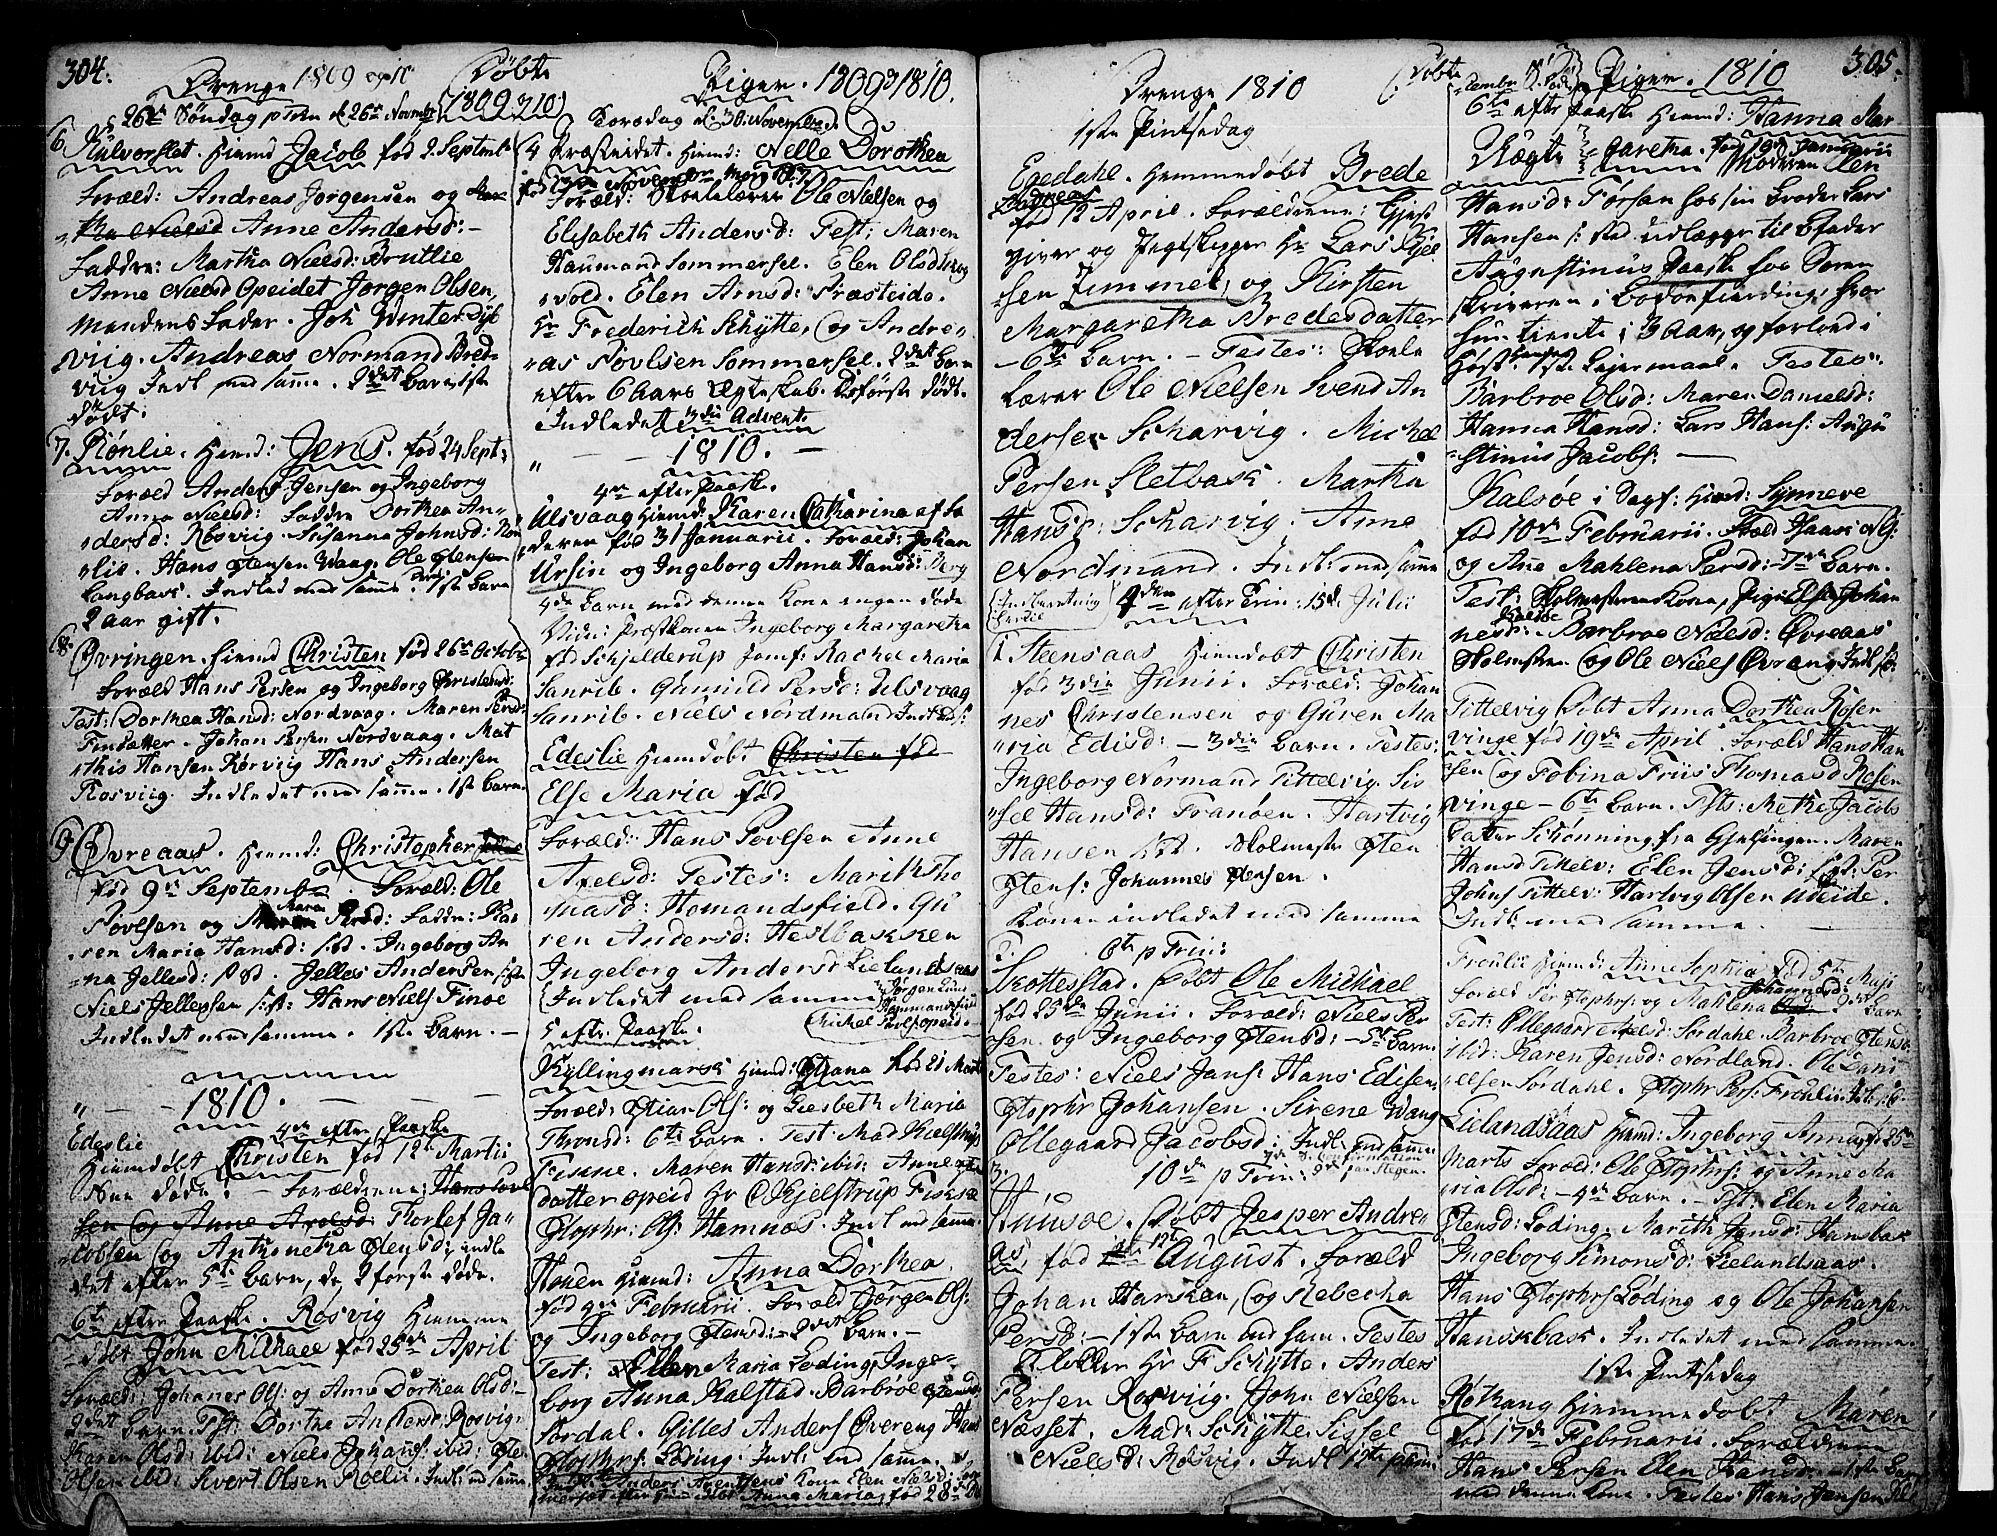 SAT, Ministerialprotokoller, klokkerbøker og fødselsregistre - Nordland, 859/L0841: Parish register (official) no. 859A01, 1766-1821, p. 304-305